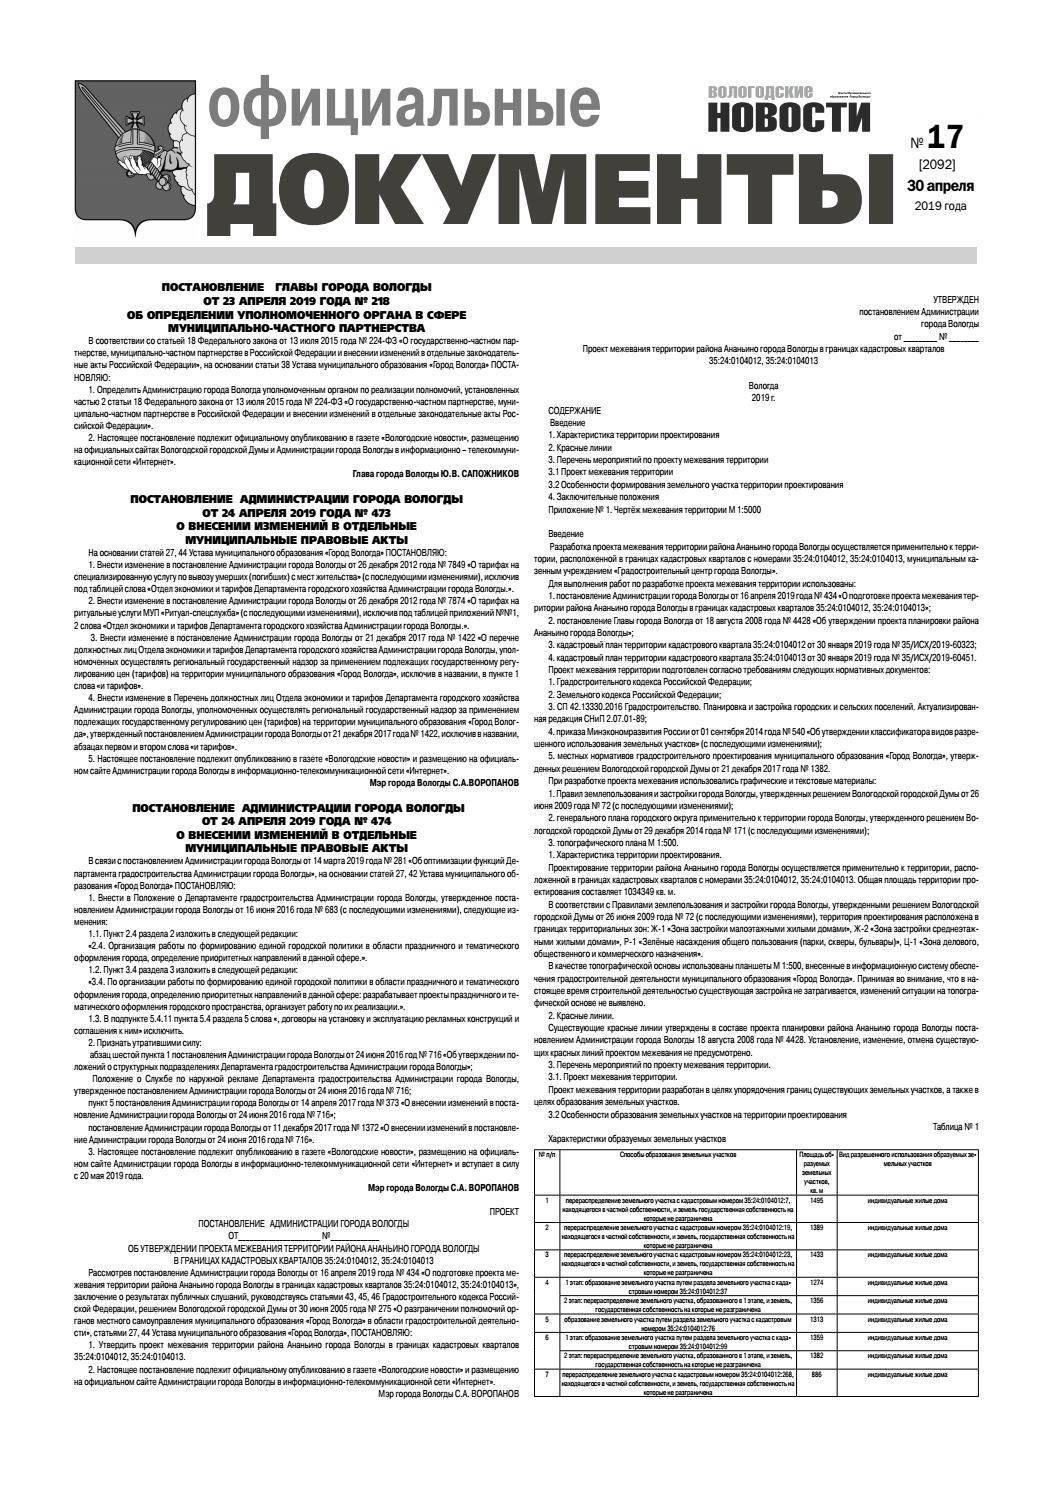 Расчет стоимости аренды земли у муниципалитета. сроки найма участка, находящегося в собственности администрации